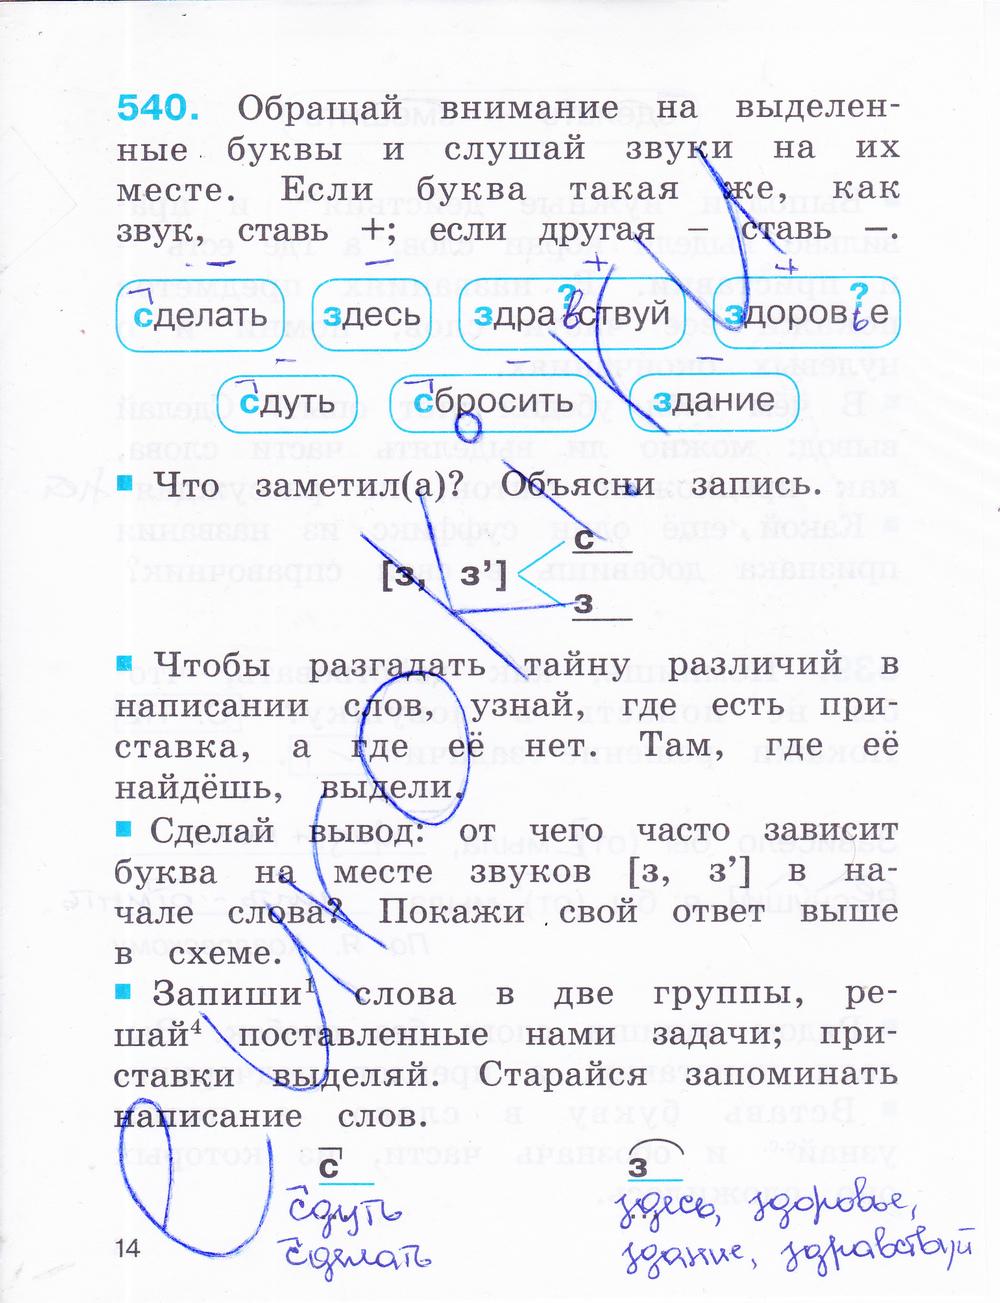 Решебник Русскому Языку 2 Класс 2 Часть Соловейчик И Кузьменко